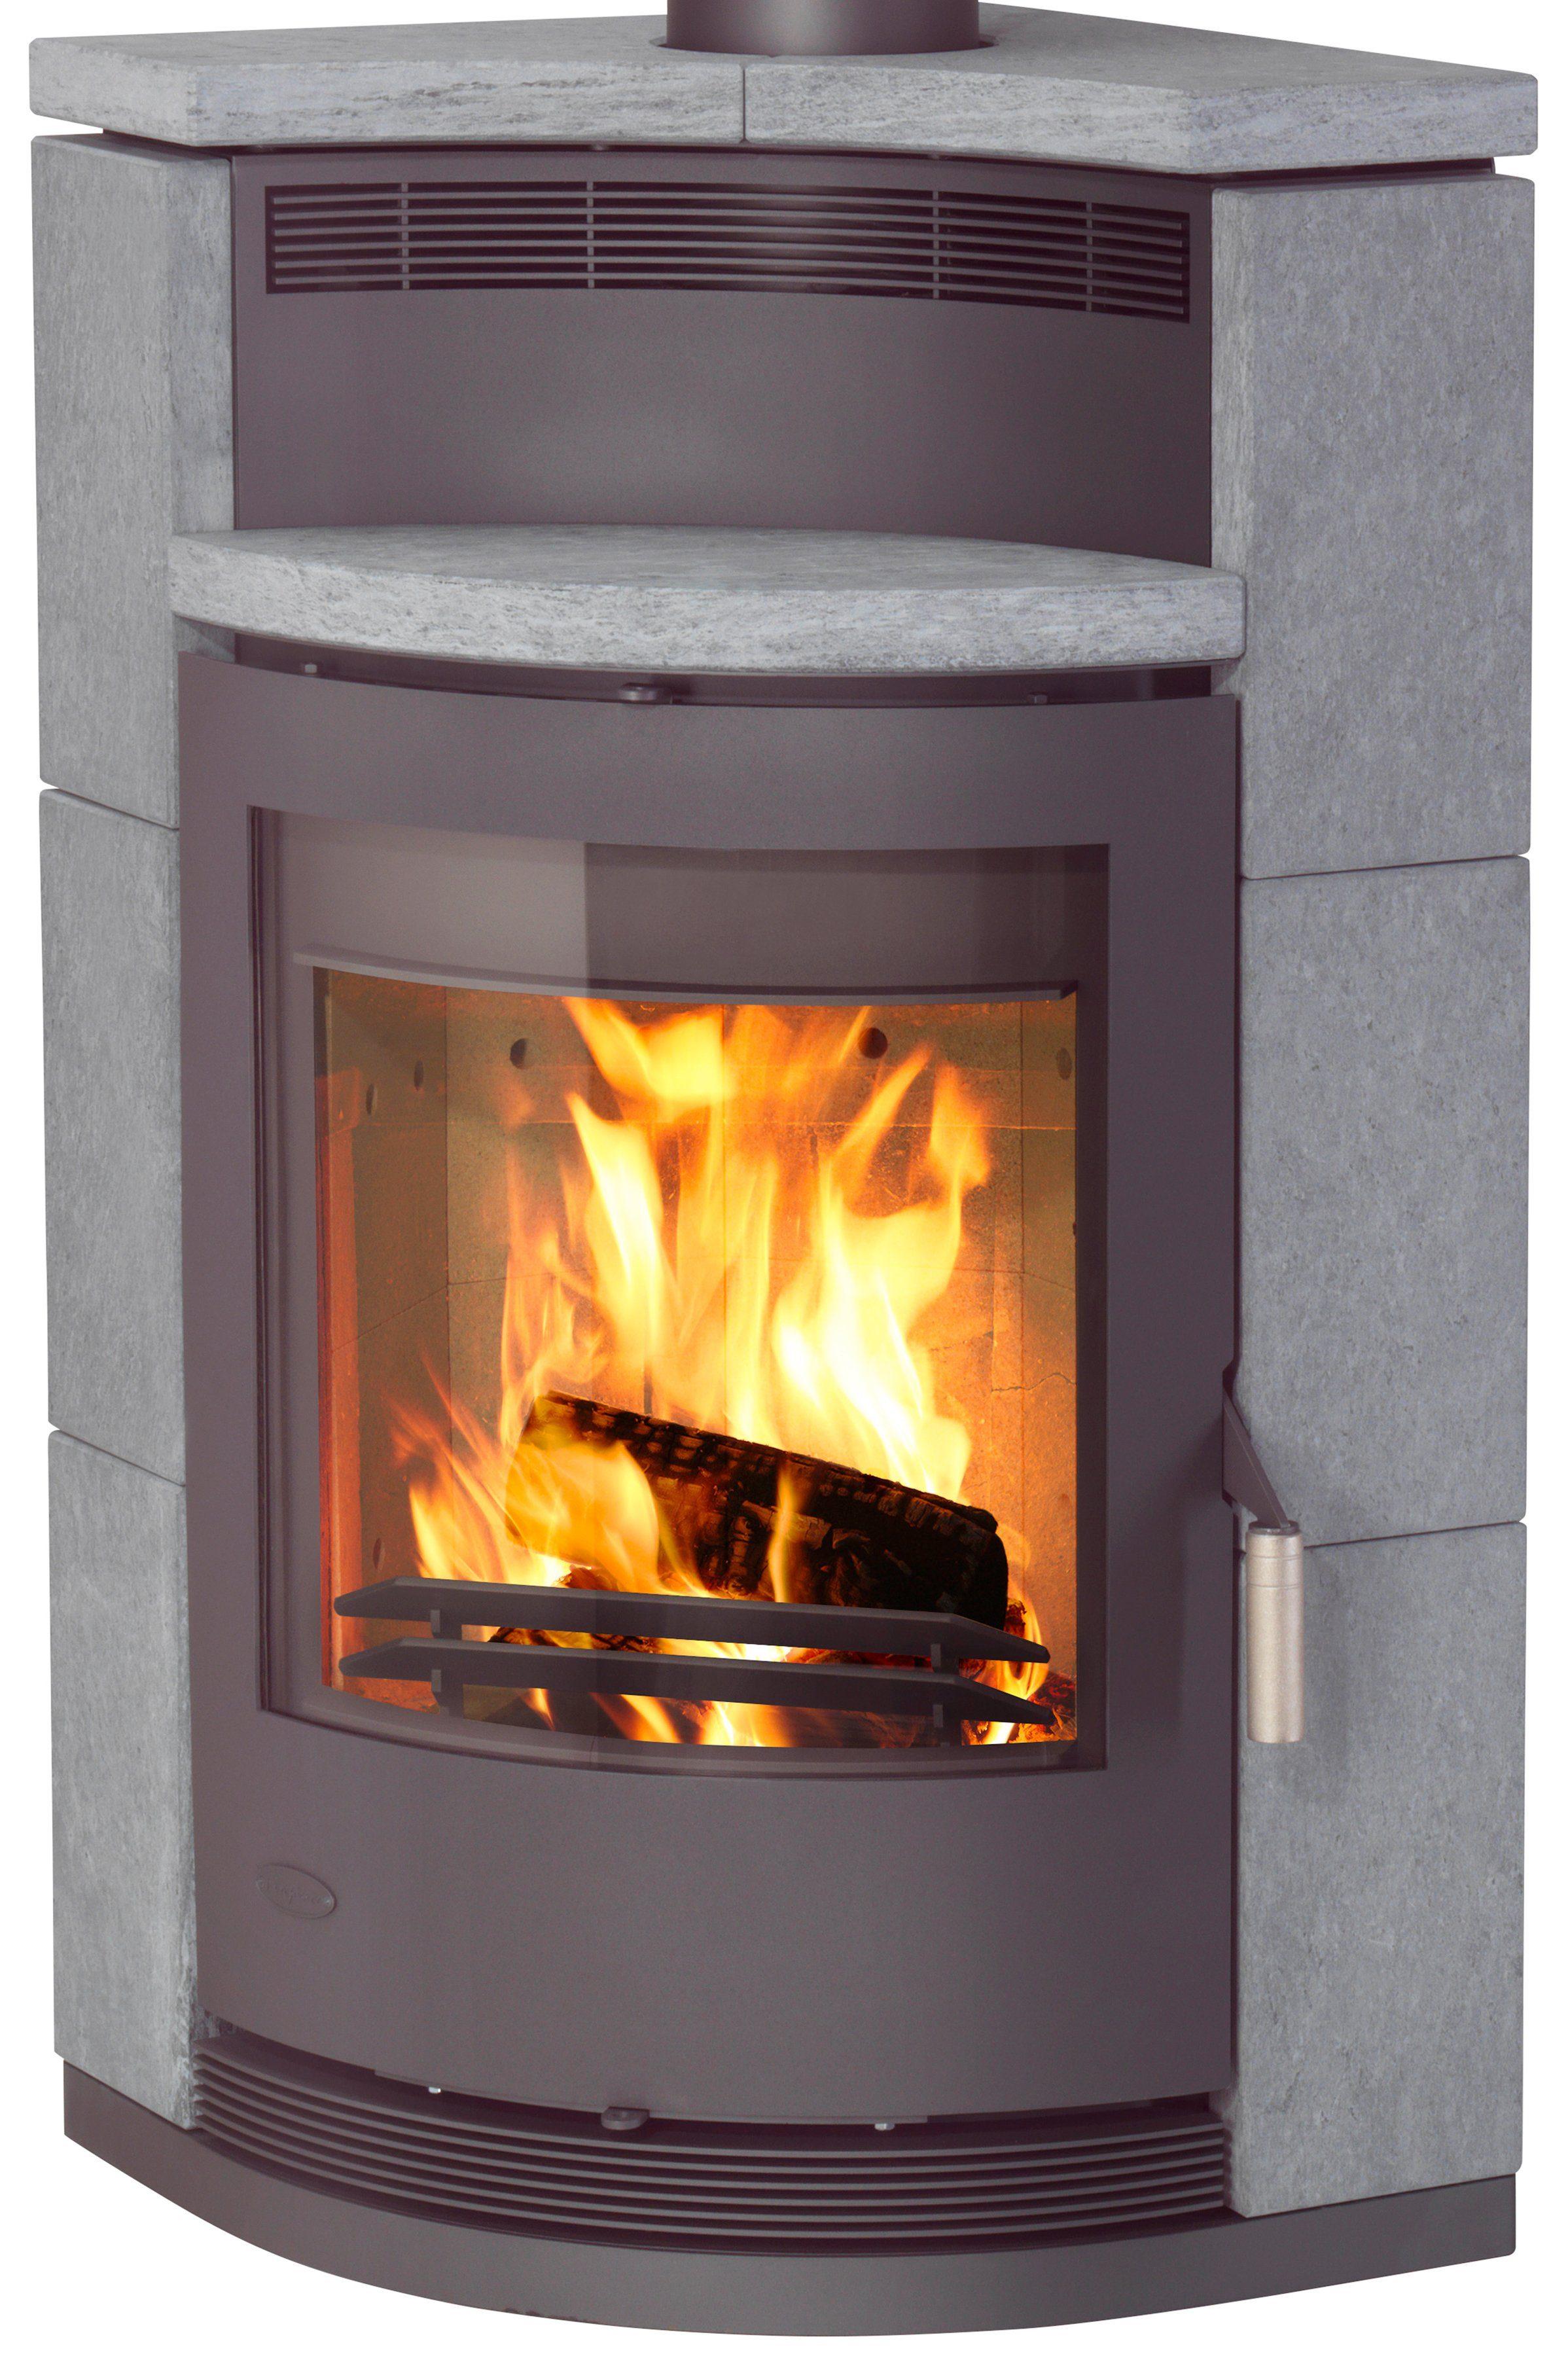 FIREPLACE Kaminofen »Lyon«, Naturstein, 8 kW, für die Ecke, Fireplace